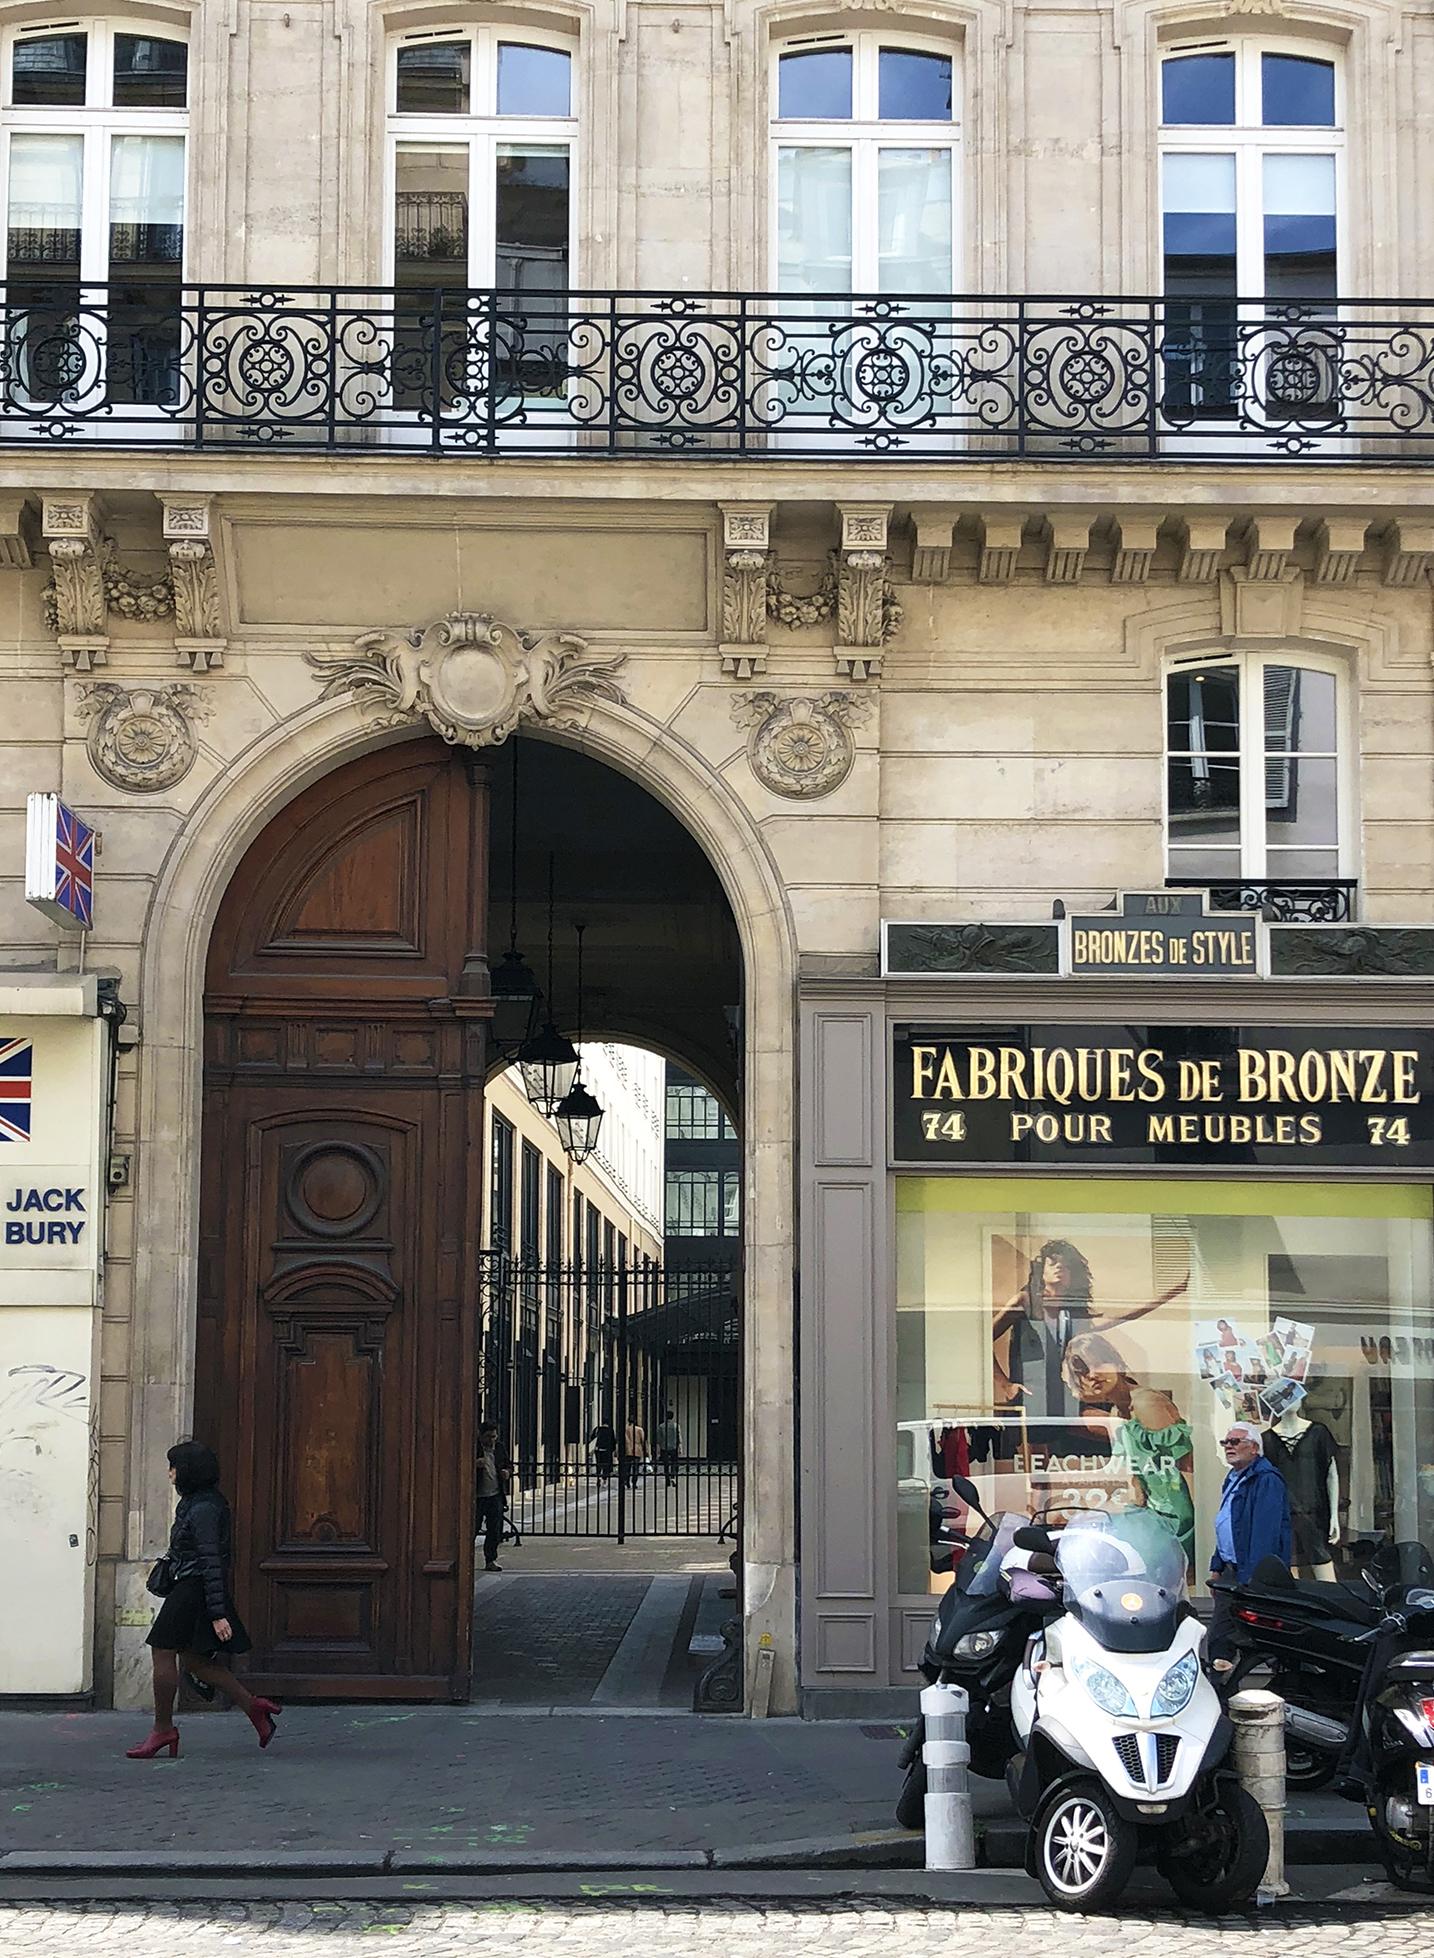 Carriage entrance from rue du Faubourg Saint-Antoine to cour des Bourguignons